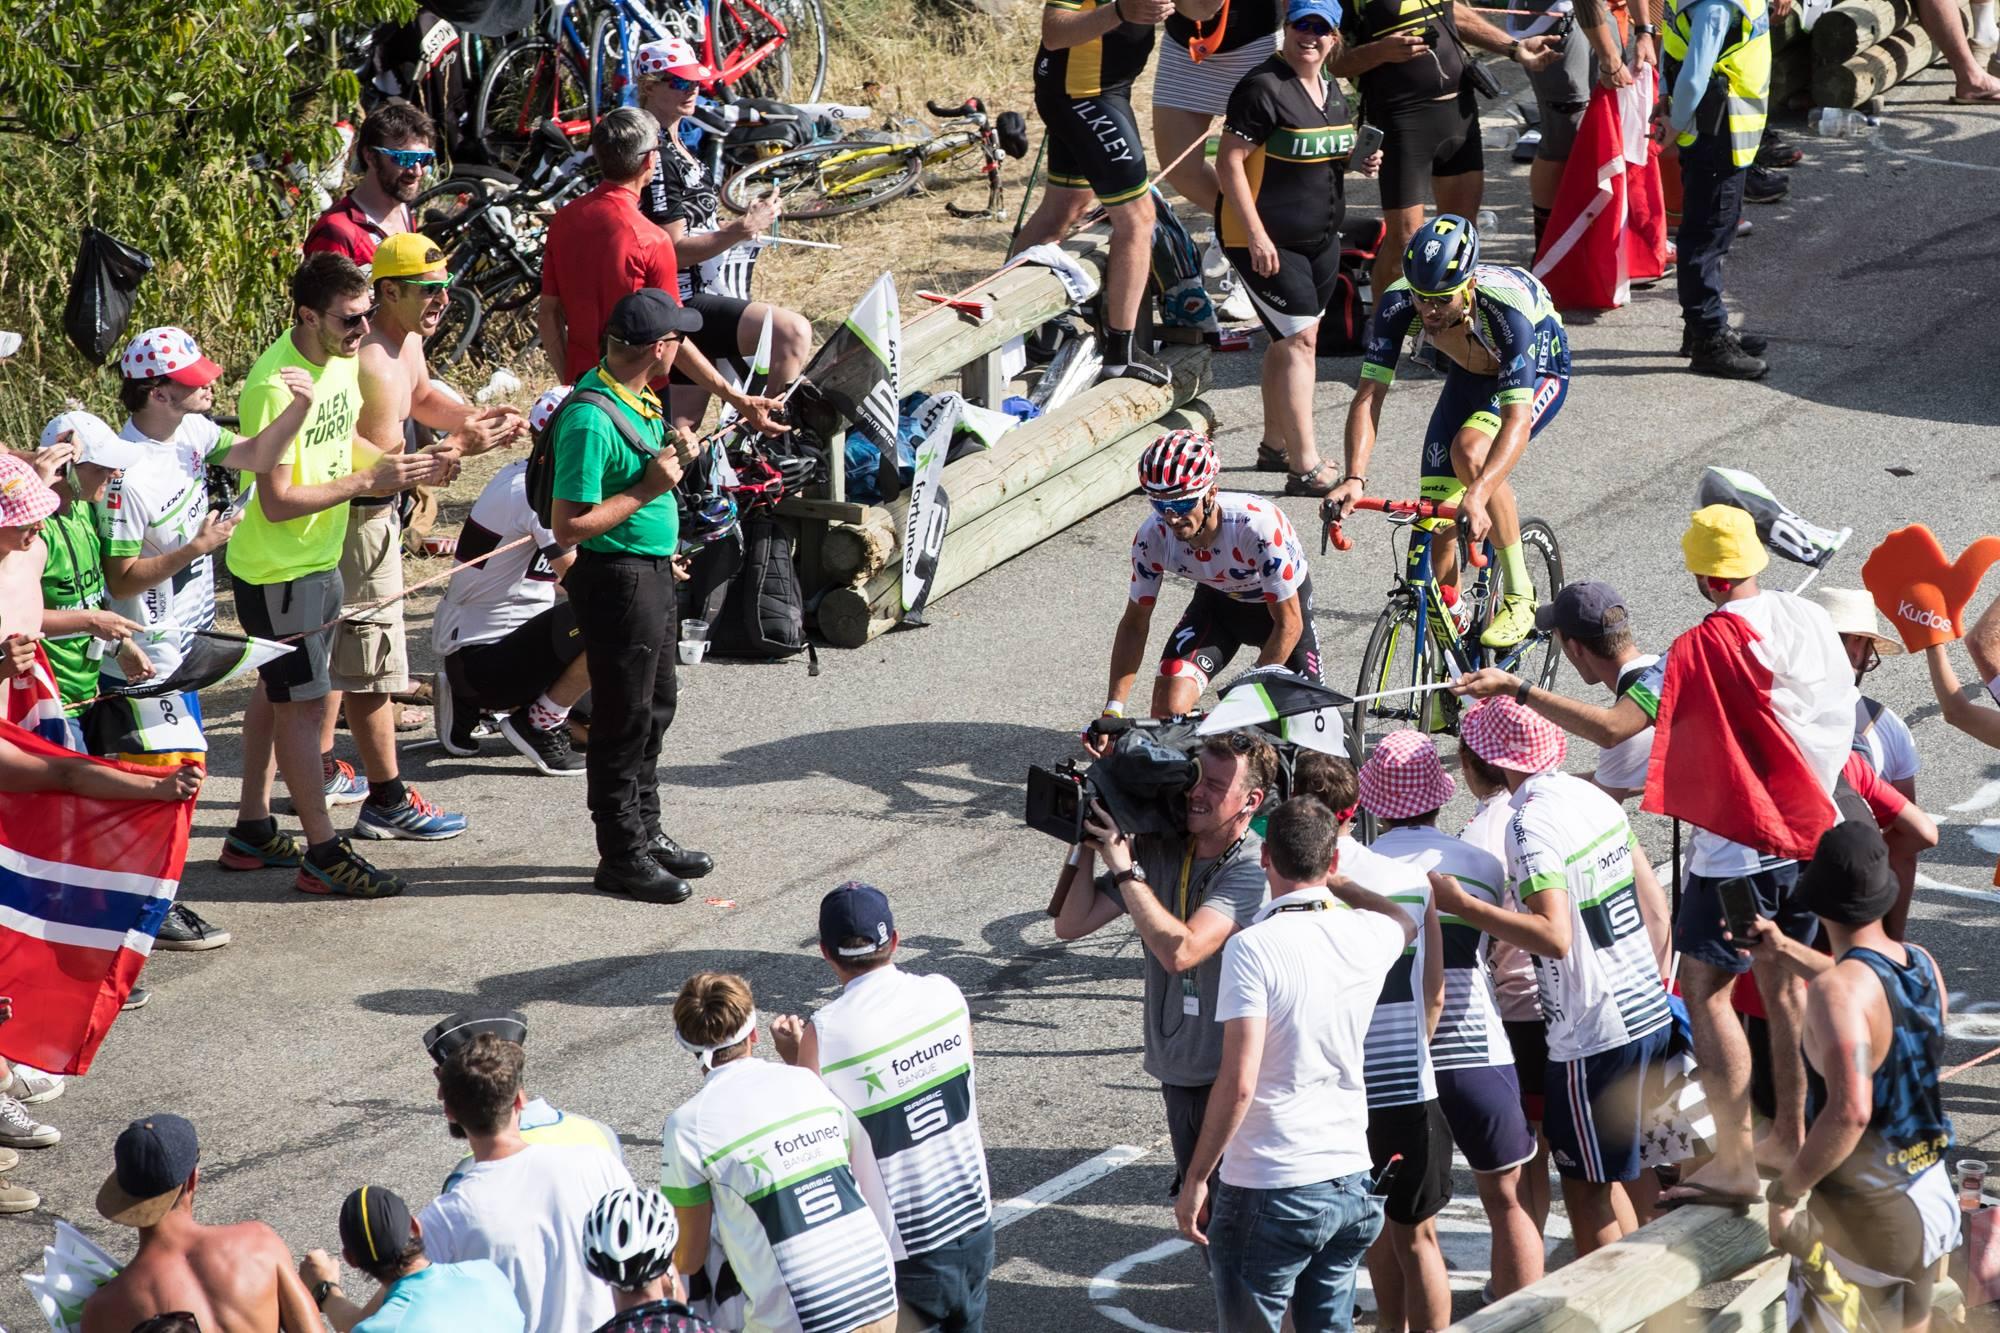 Guillaume Van Keirsbulck et son Cube Litening C:68, dans la roue du maillot à pois Julian Alaphilippe.